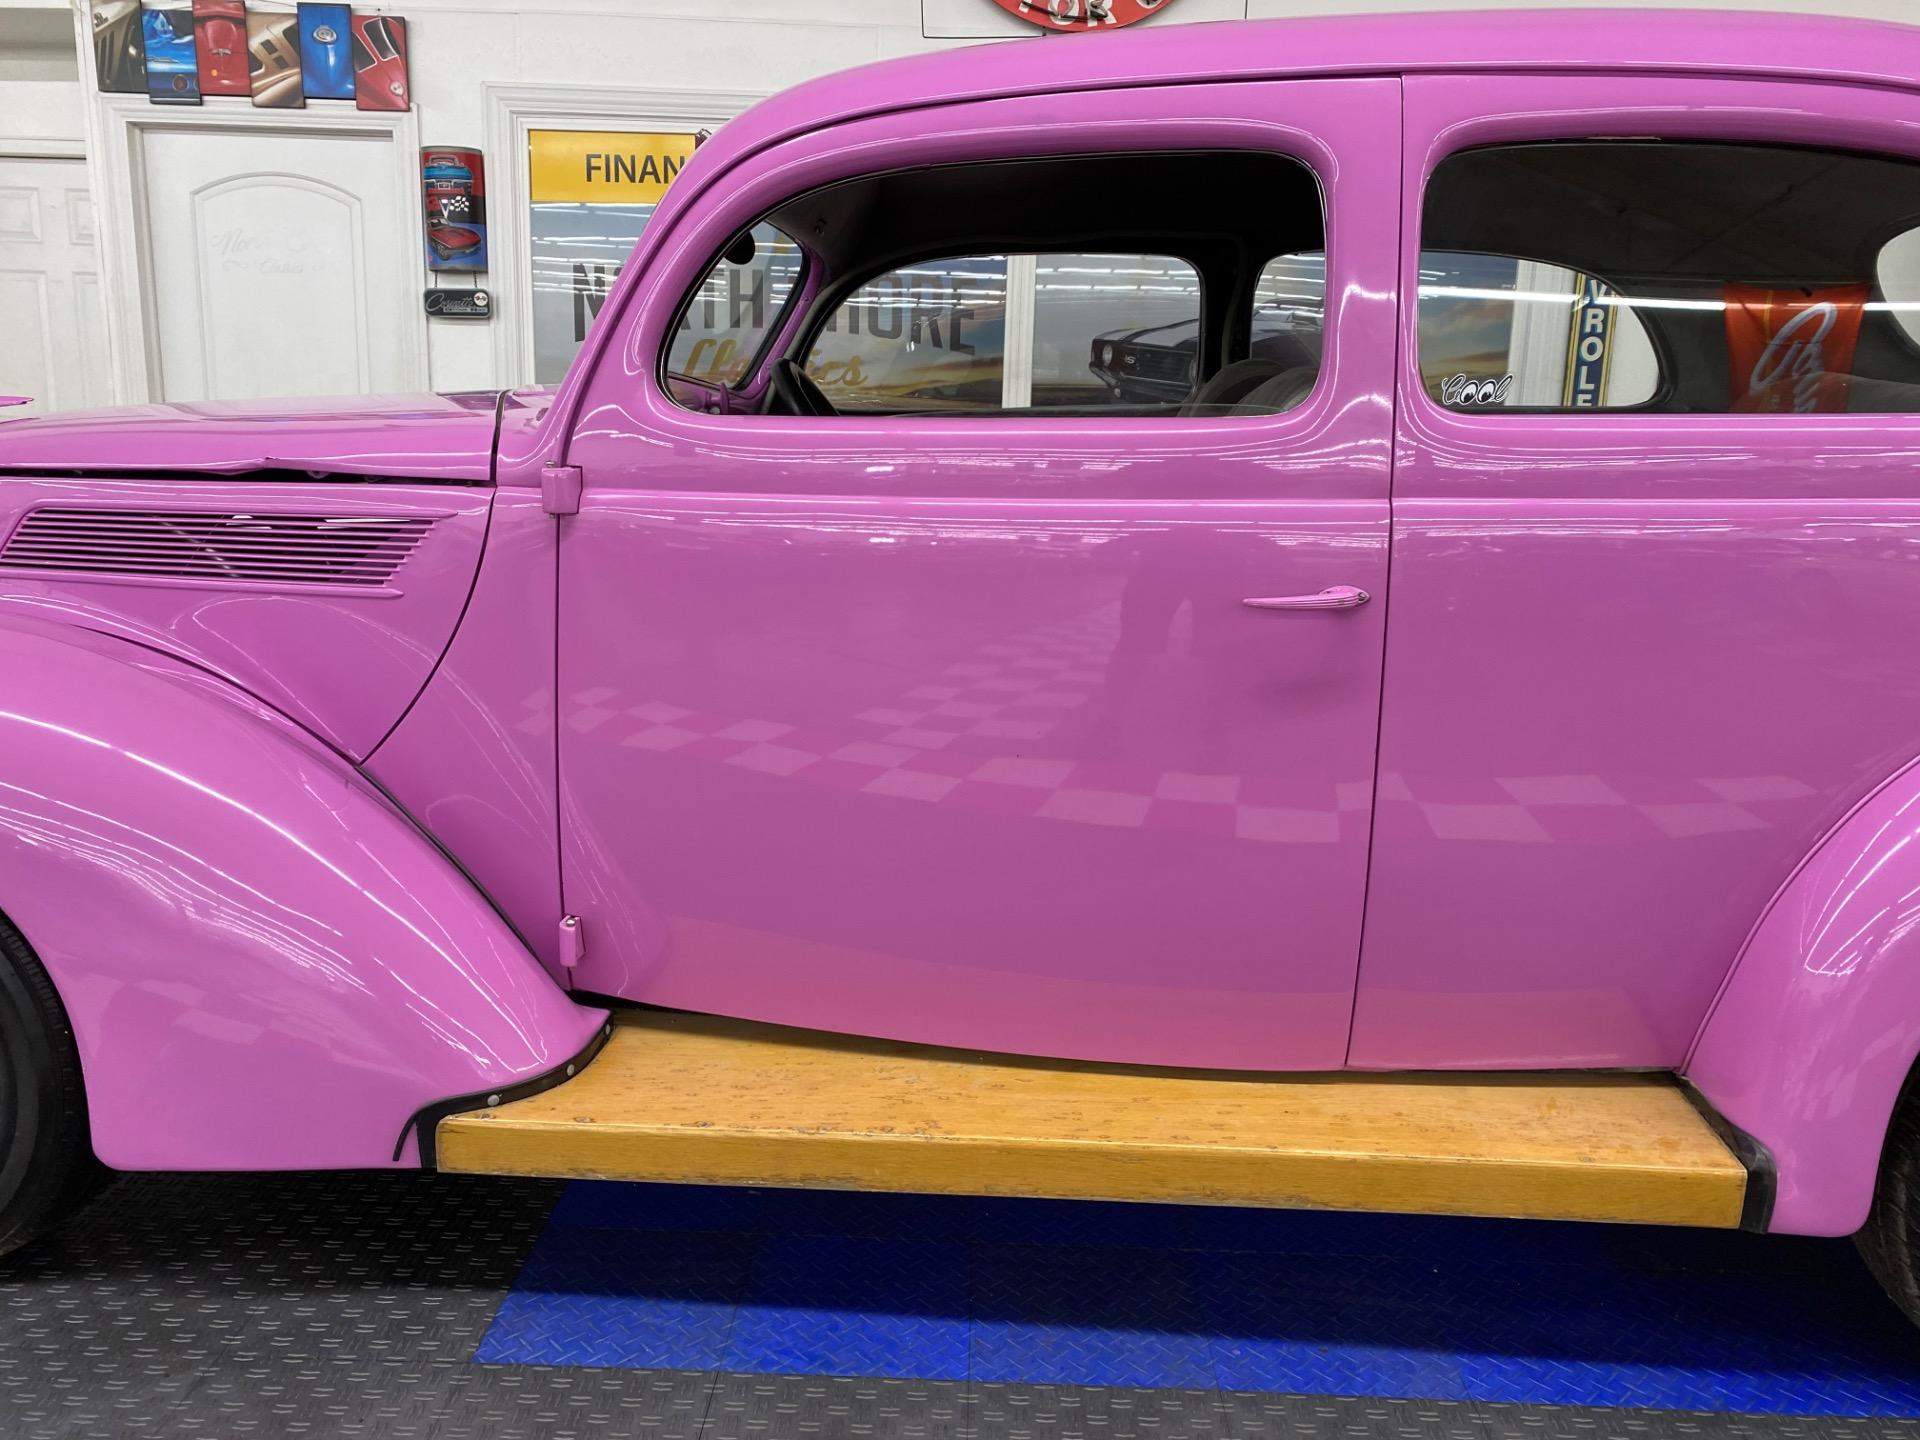 Used 1937 Ford Tudor Sedan - OLD SCHOOL STREET ROD - FLATHEAD V8 - MANUAL TRANS - SEE VIDEO | Mundelein, IL